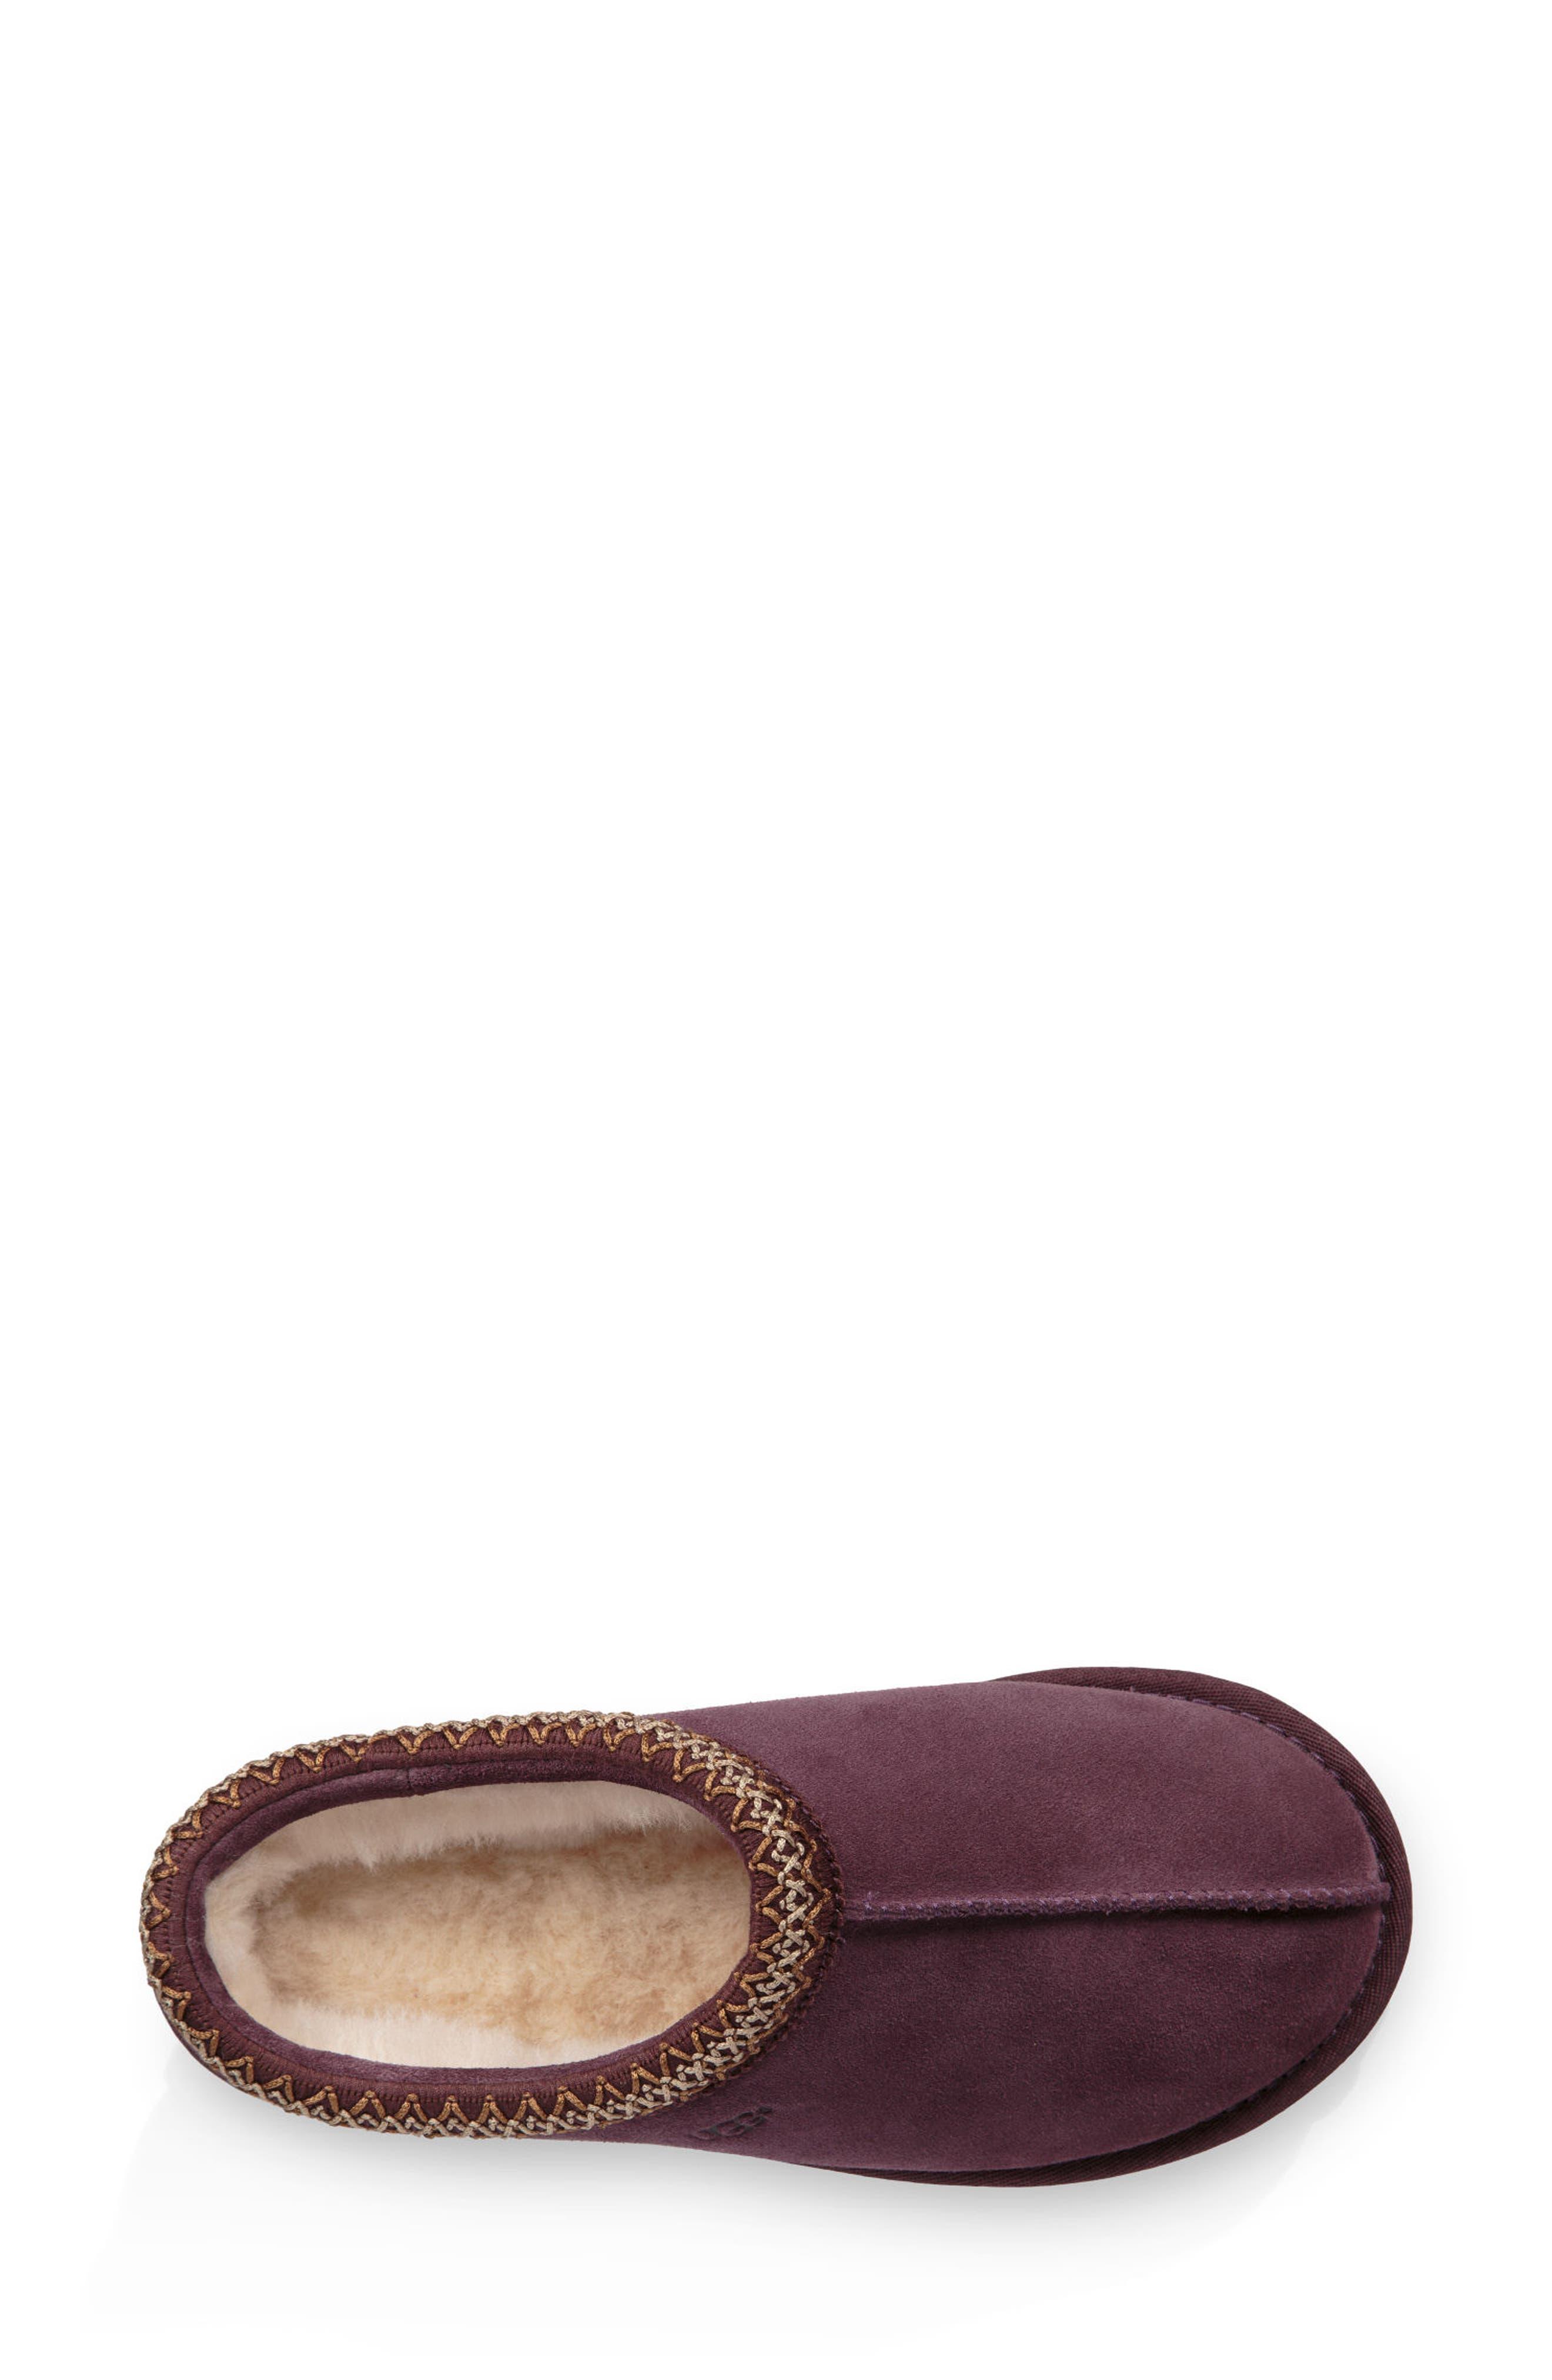 'Tasman' Slipper,                             Alternate thumbnail 5, color,                             Port Leather